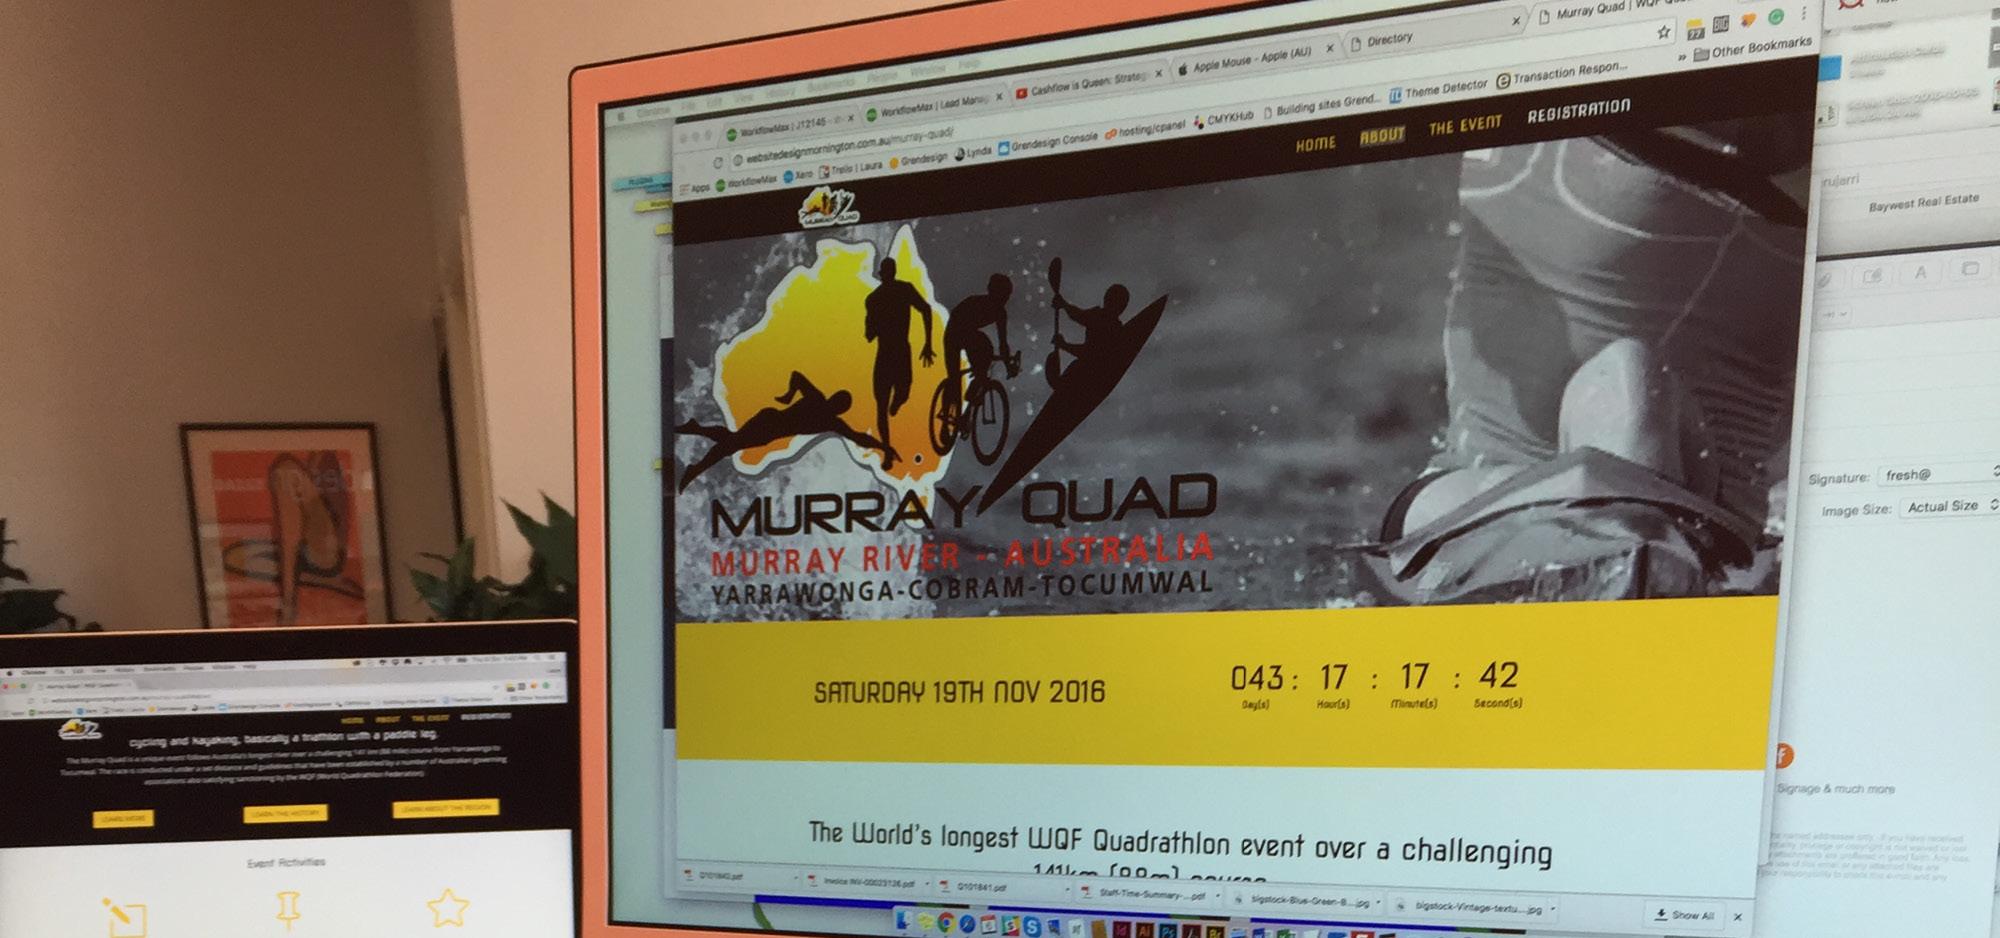 website_design_mornington_murray-quad3